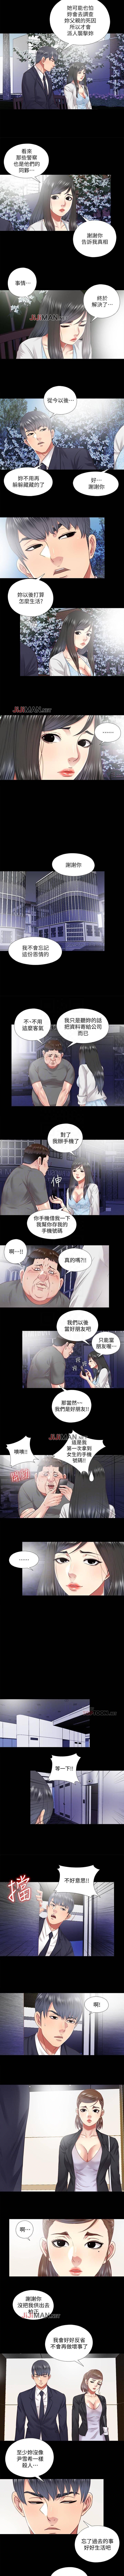 【已完结】同居捉迷藏(作者:林巨星) 第1~30话 121